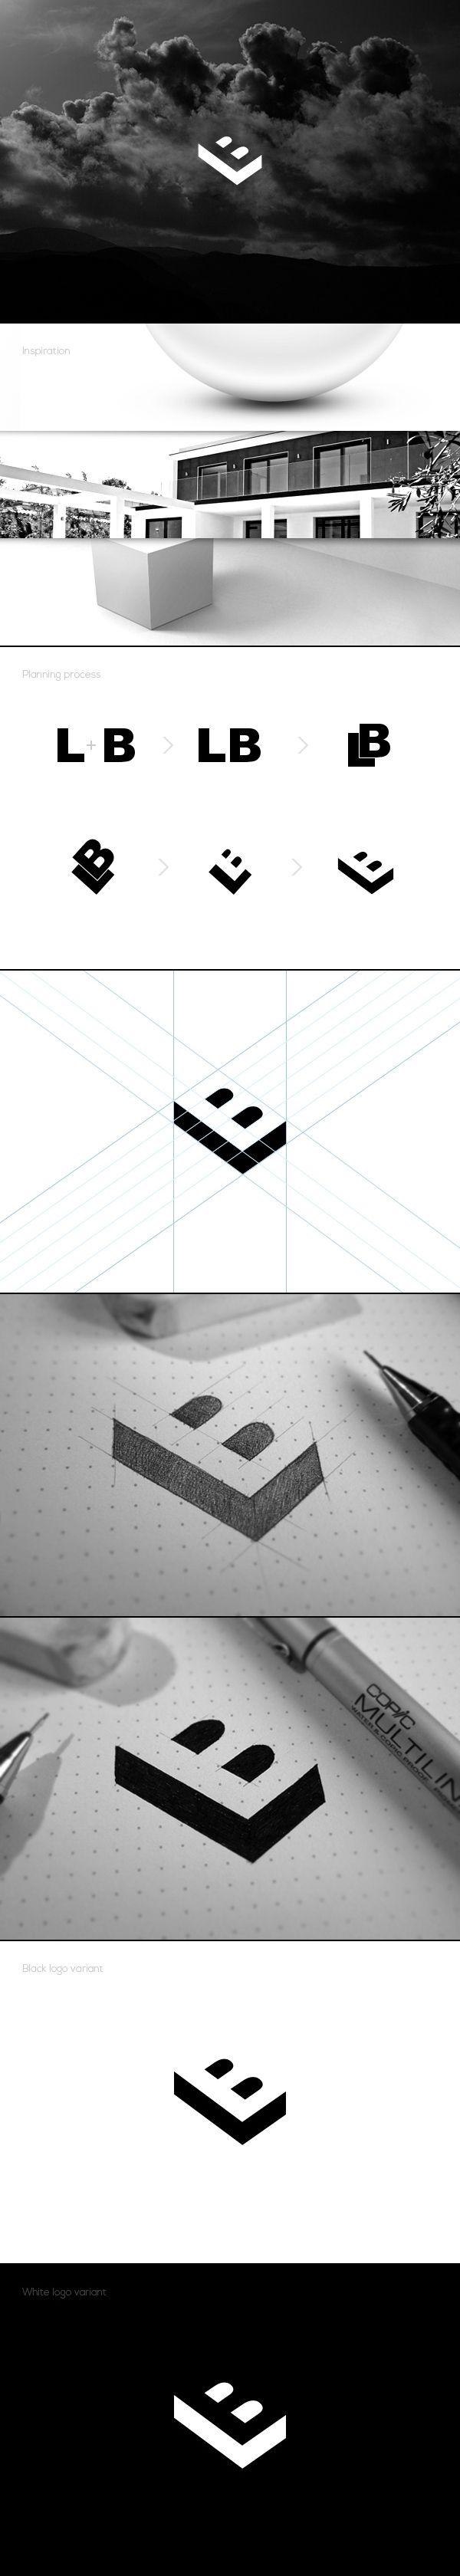 Béla Lajos personal logo - behance